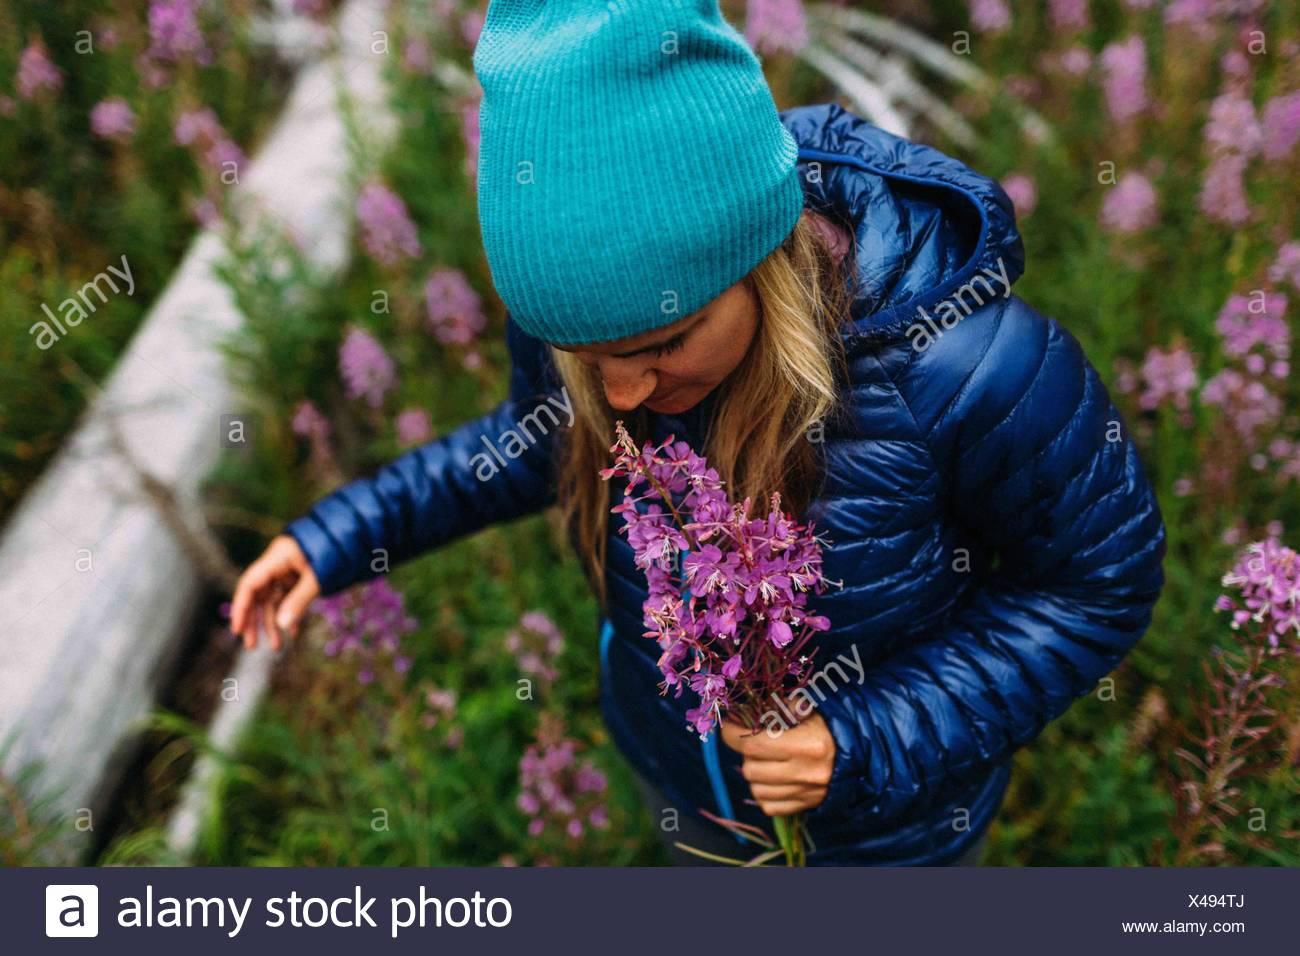 Elevato angolo visuale a metà donna adulta indossando rivestimento imbottito knit hat holding fiori selvatici Moraine Lake il Parco Nazionale di Banff Alberta Canada Immagini Stock